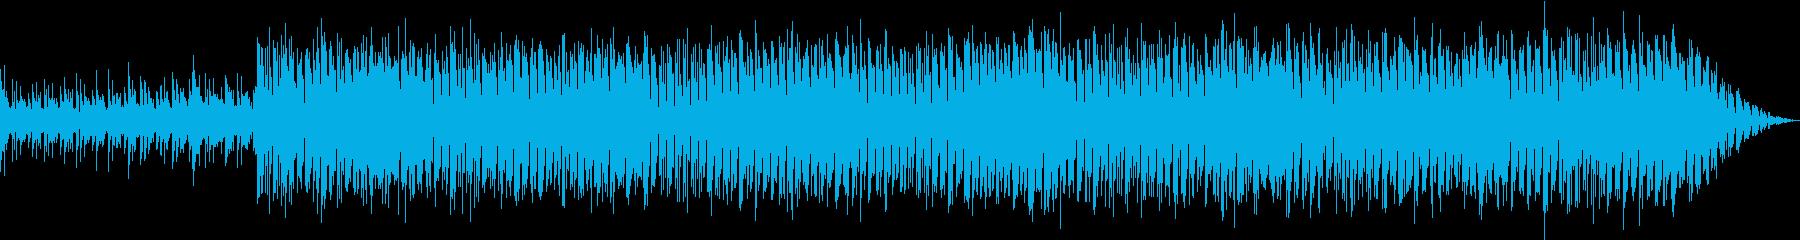 ポコポコと音を鳴らしてますの再生済みの波形